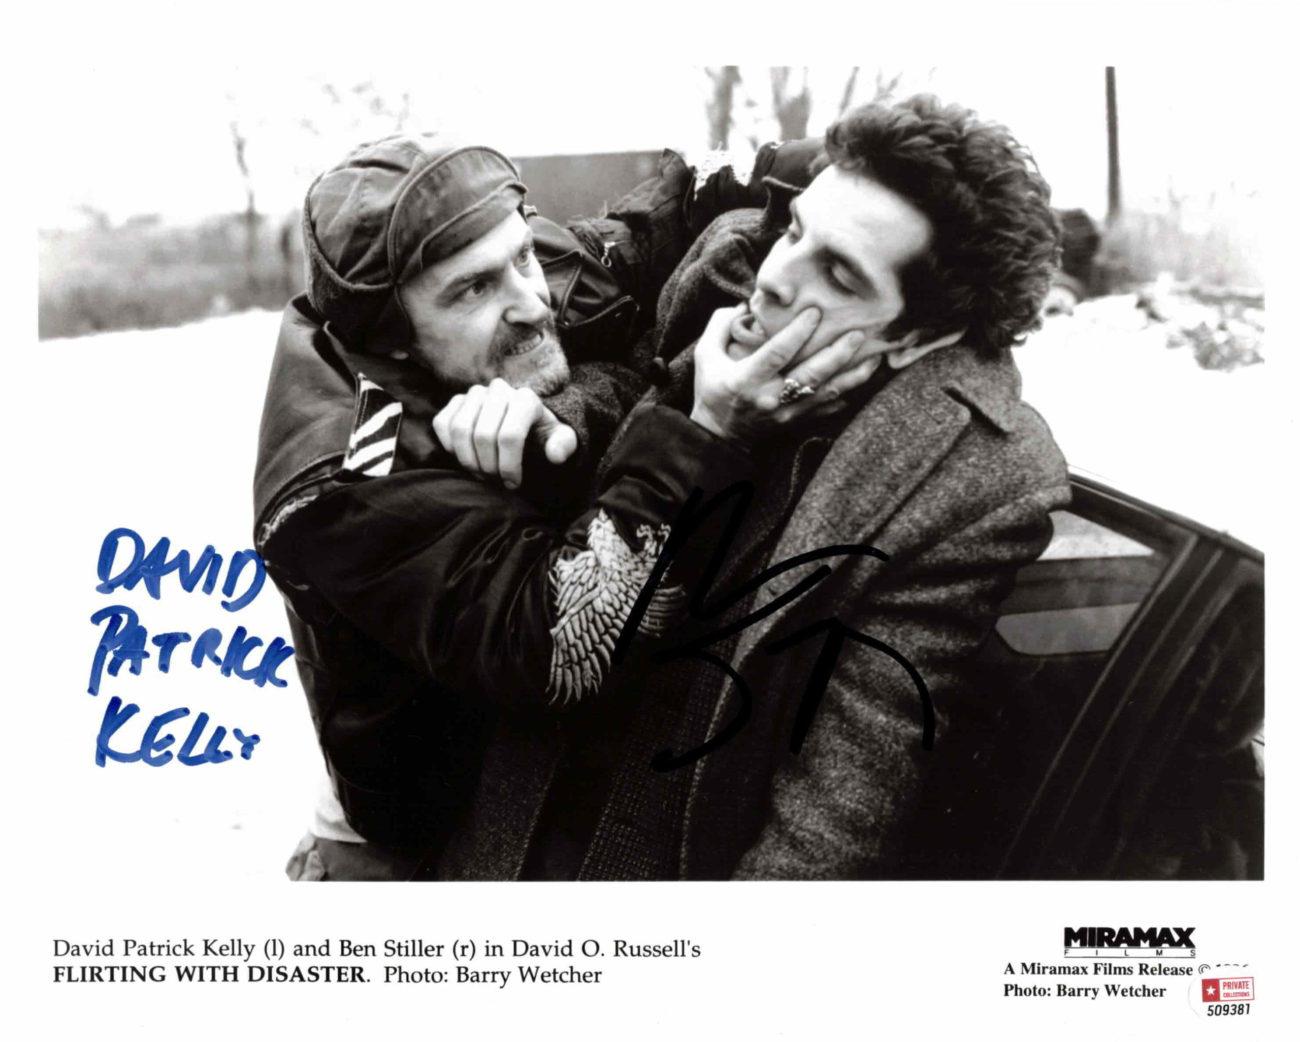 Ben Stiller & David Patrick Kelly - autogram